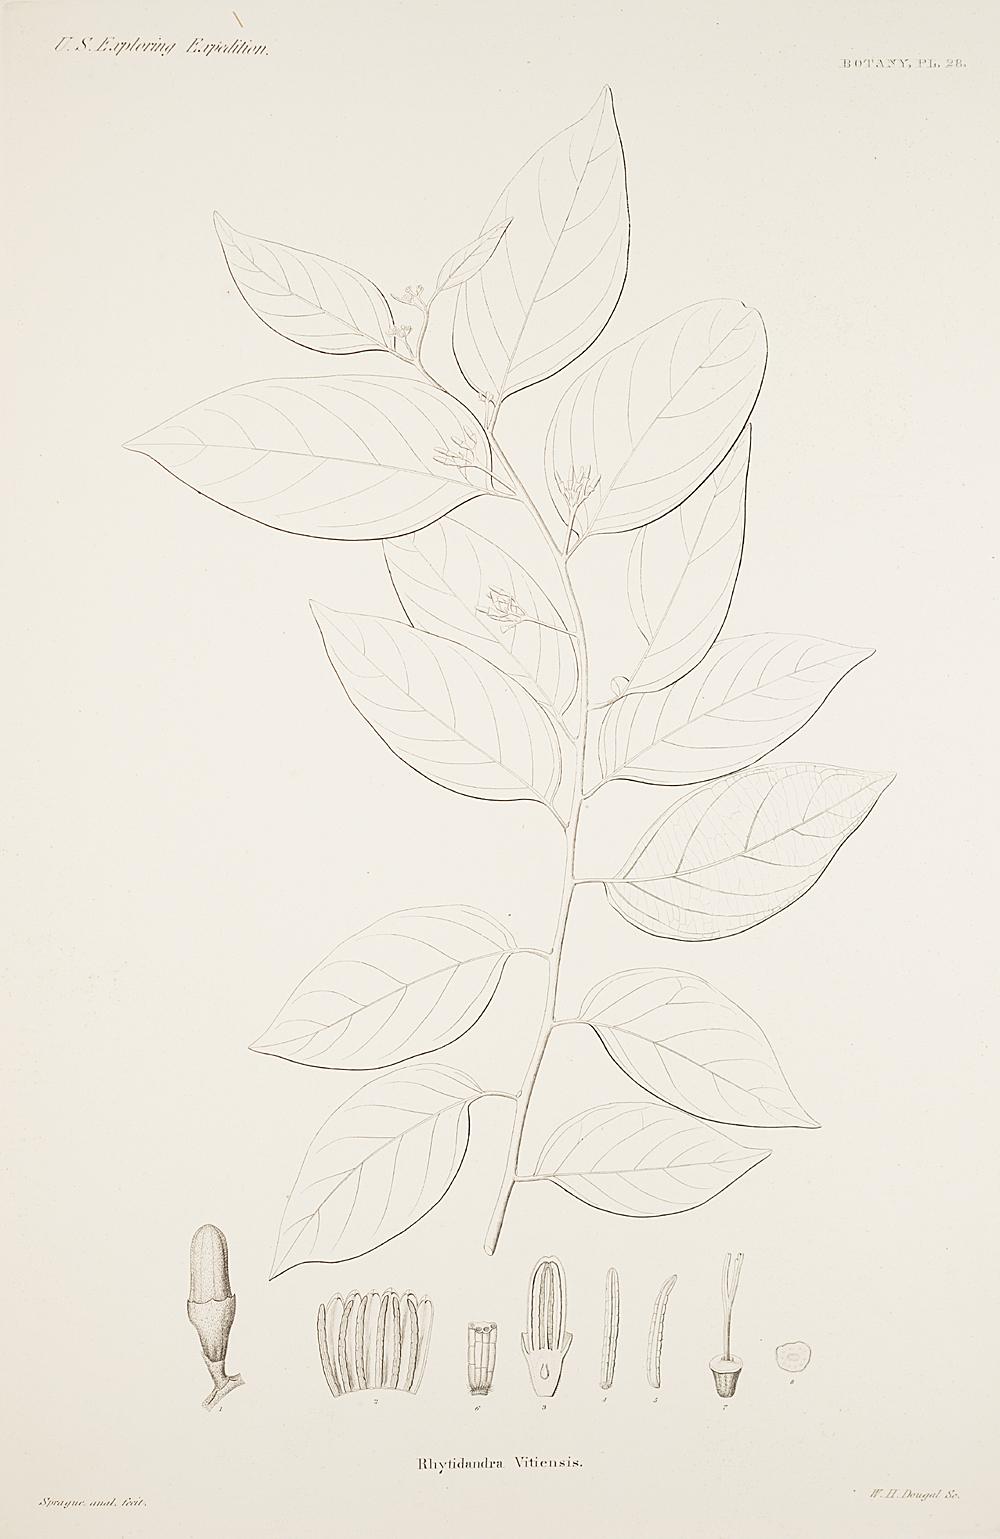 Botany, Pl. 28,  Image number:sil19-23-067b